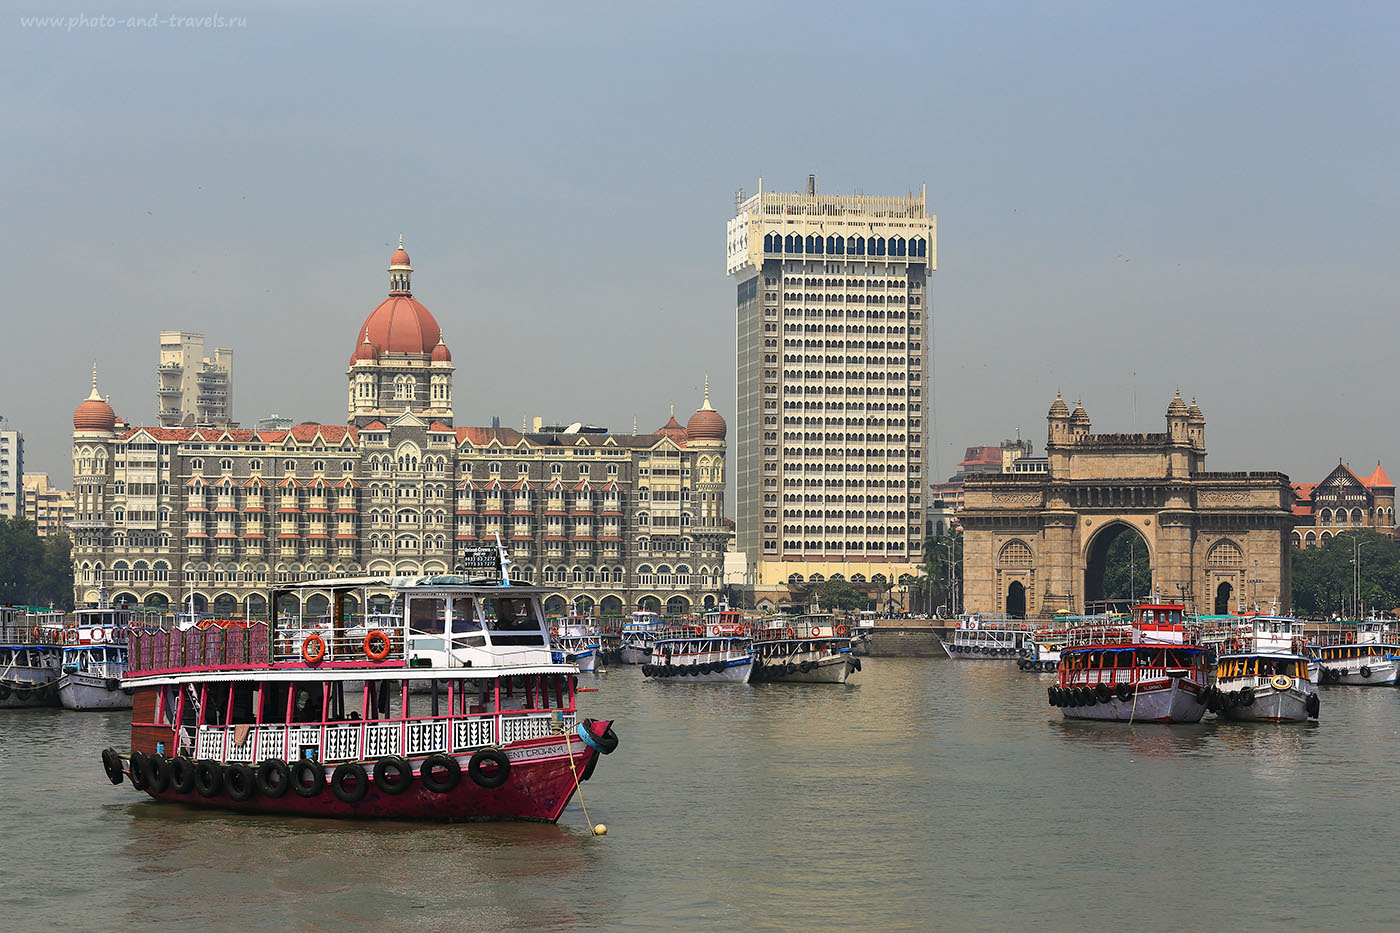 Фотография 1. Вид на арку «Ворота в Индию», отель Тадж-Махал Палас и паромы у них. Отзывы туристов о самостоятельной поездке в Мумбаи. Камера Canon EOS 6D с объективом Canon 70-200mm f/4. Настройка: 1/500, 0eV, f9, 70mm, ISO 100.